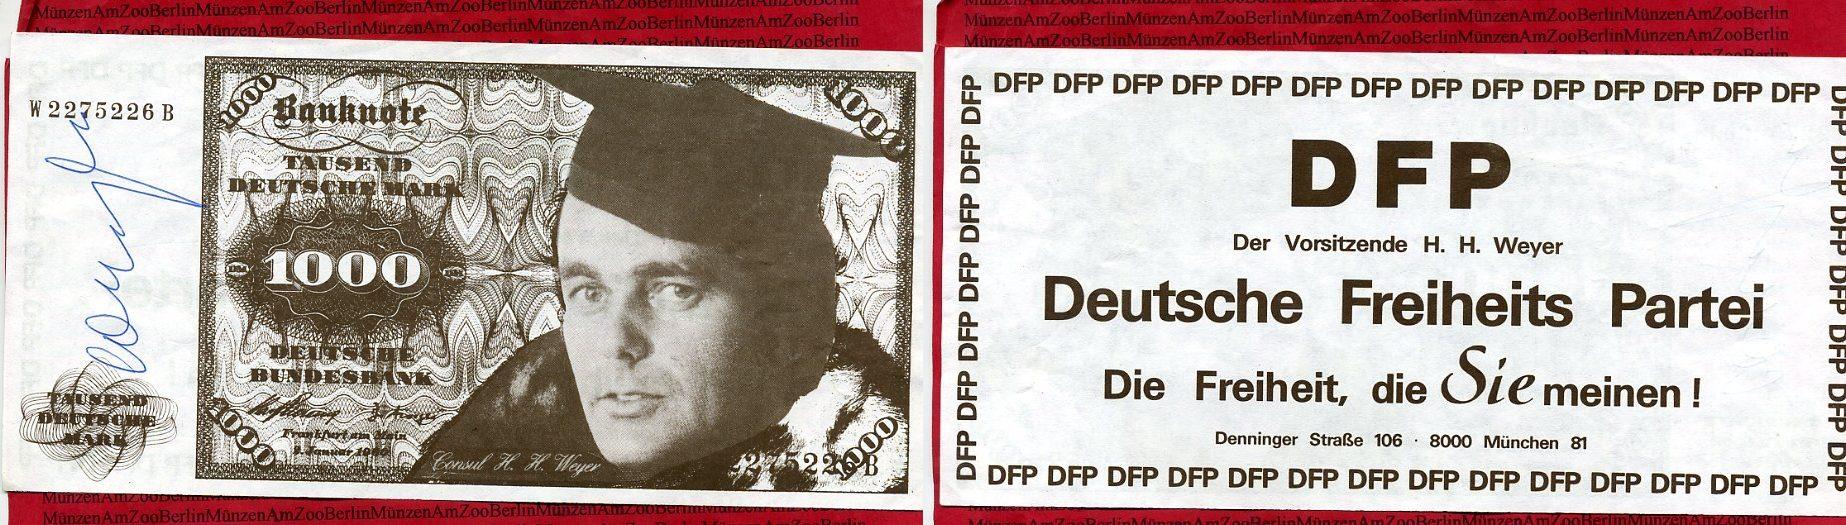 propagandabanknote parteiwerbung o j bundesrepublik deutschland propagandabanknote hnlich 1000. Black Bedroom Furniture Sets. Home Design Ideas